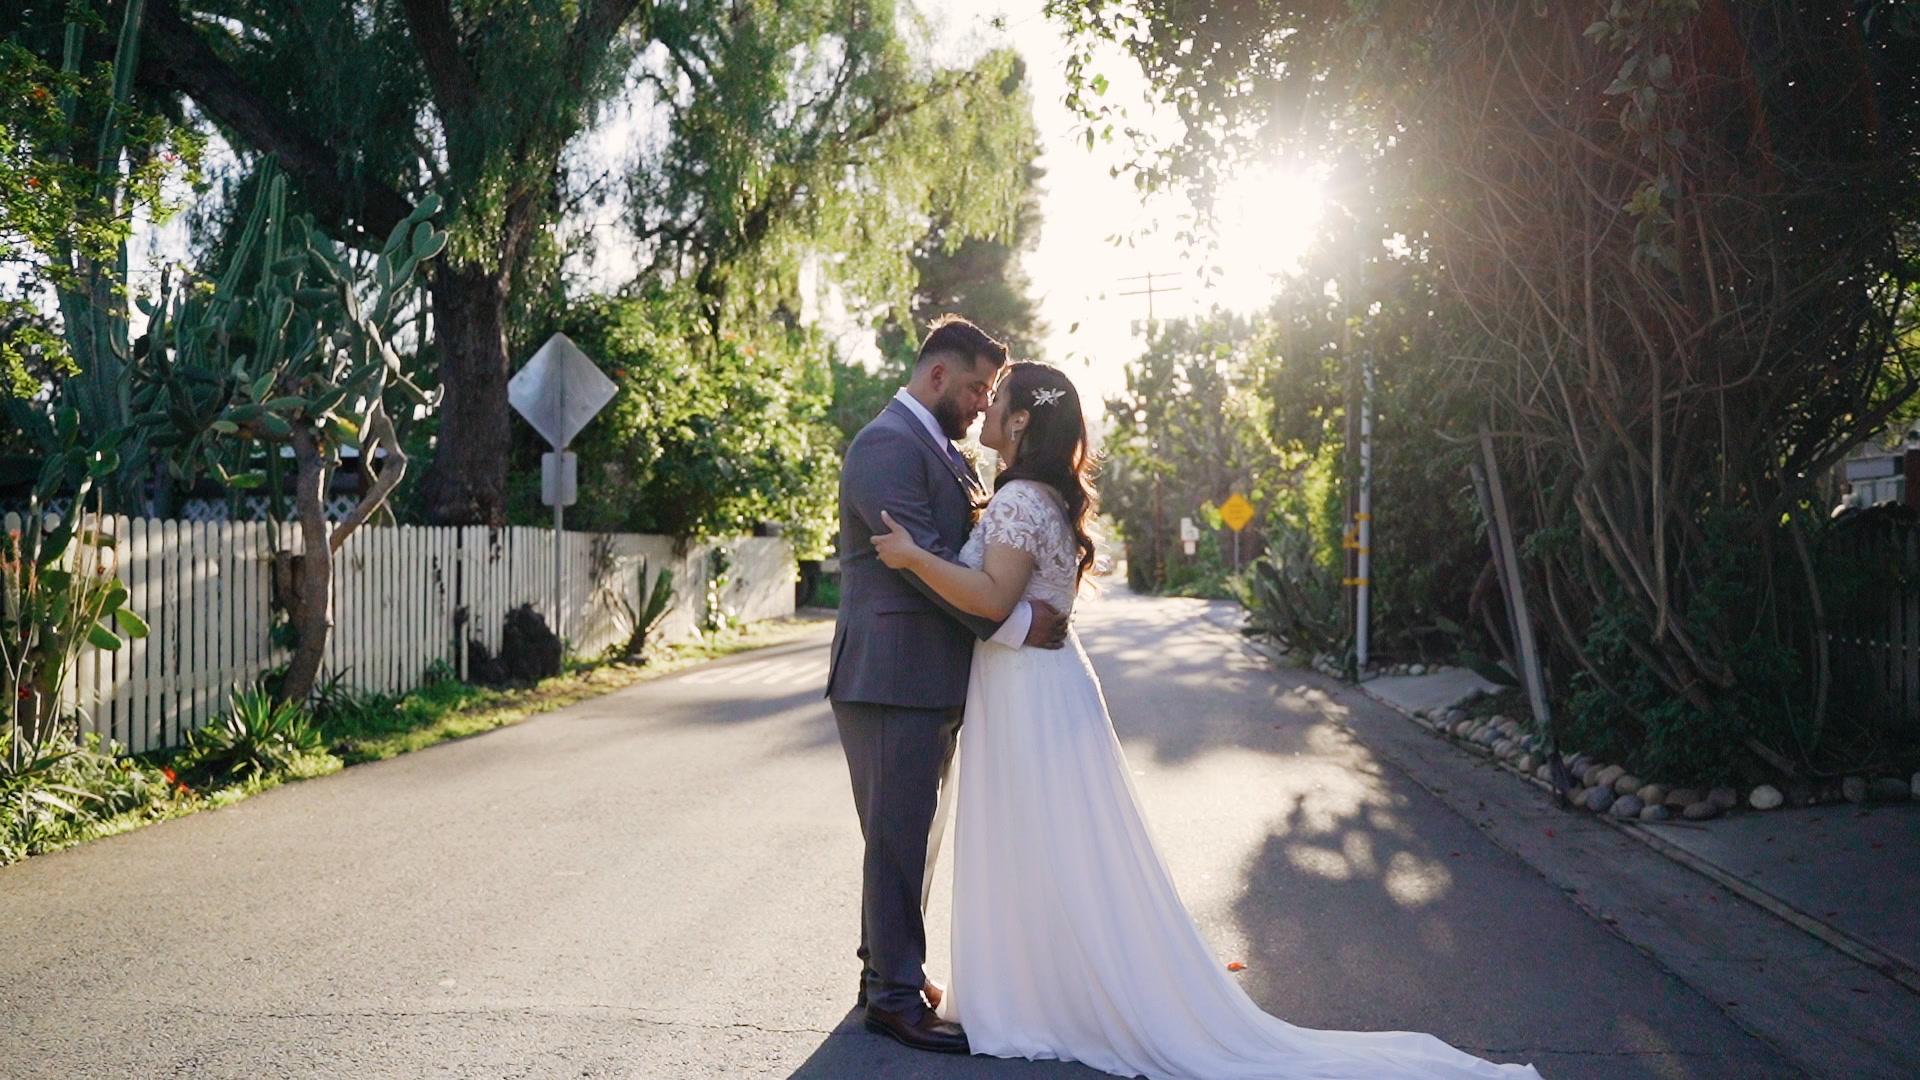 Helen + Jose | San Juan Capistrano, California | Franciscan Gardens